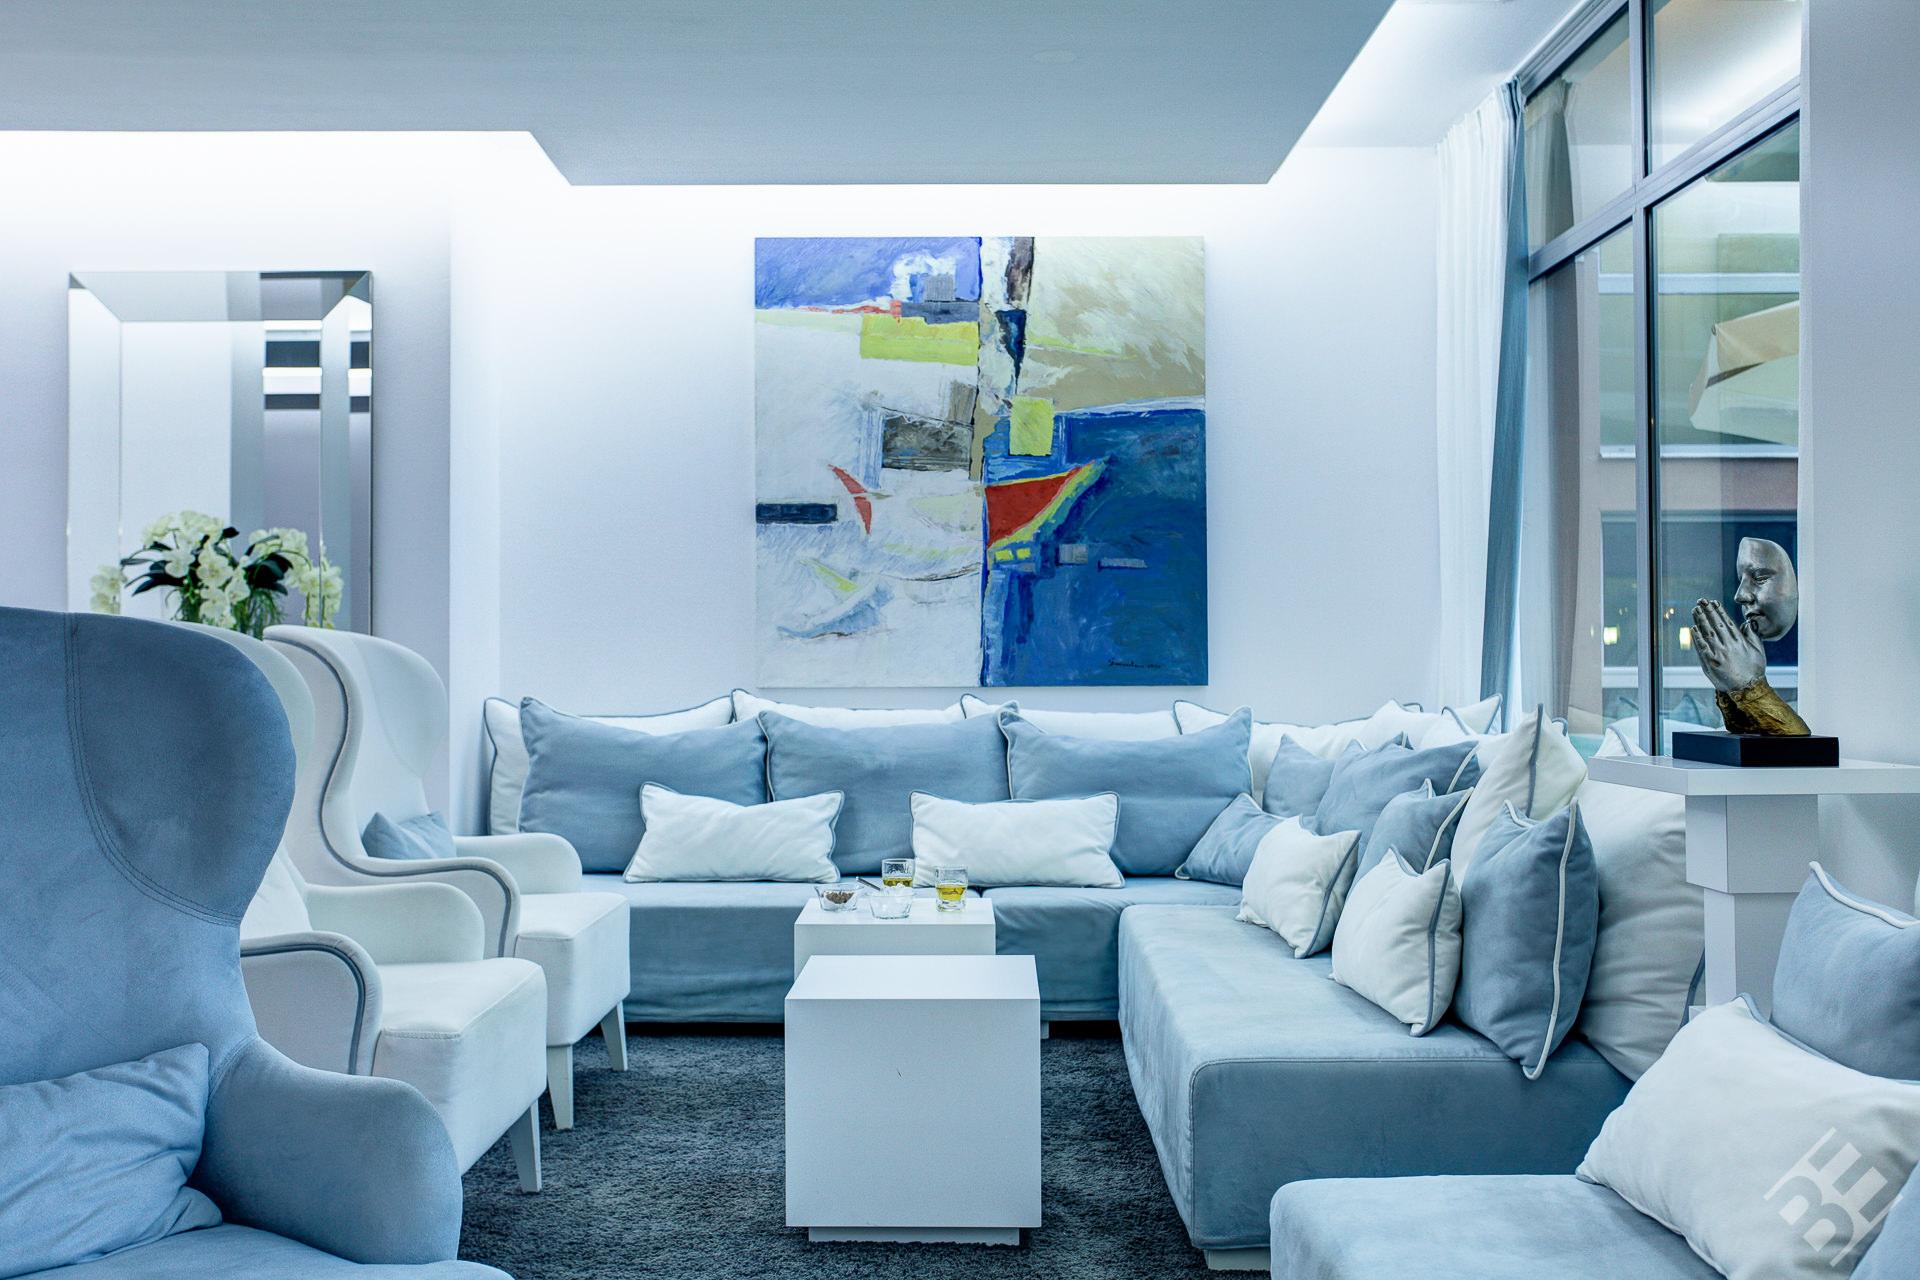 Hotels_10_IMG_9941-2H3_Volen_Evtimov